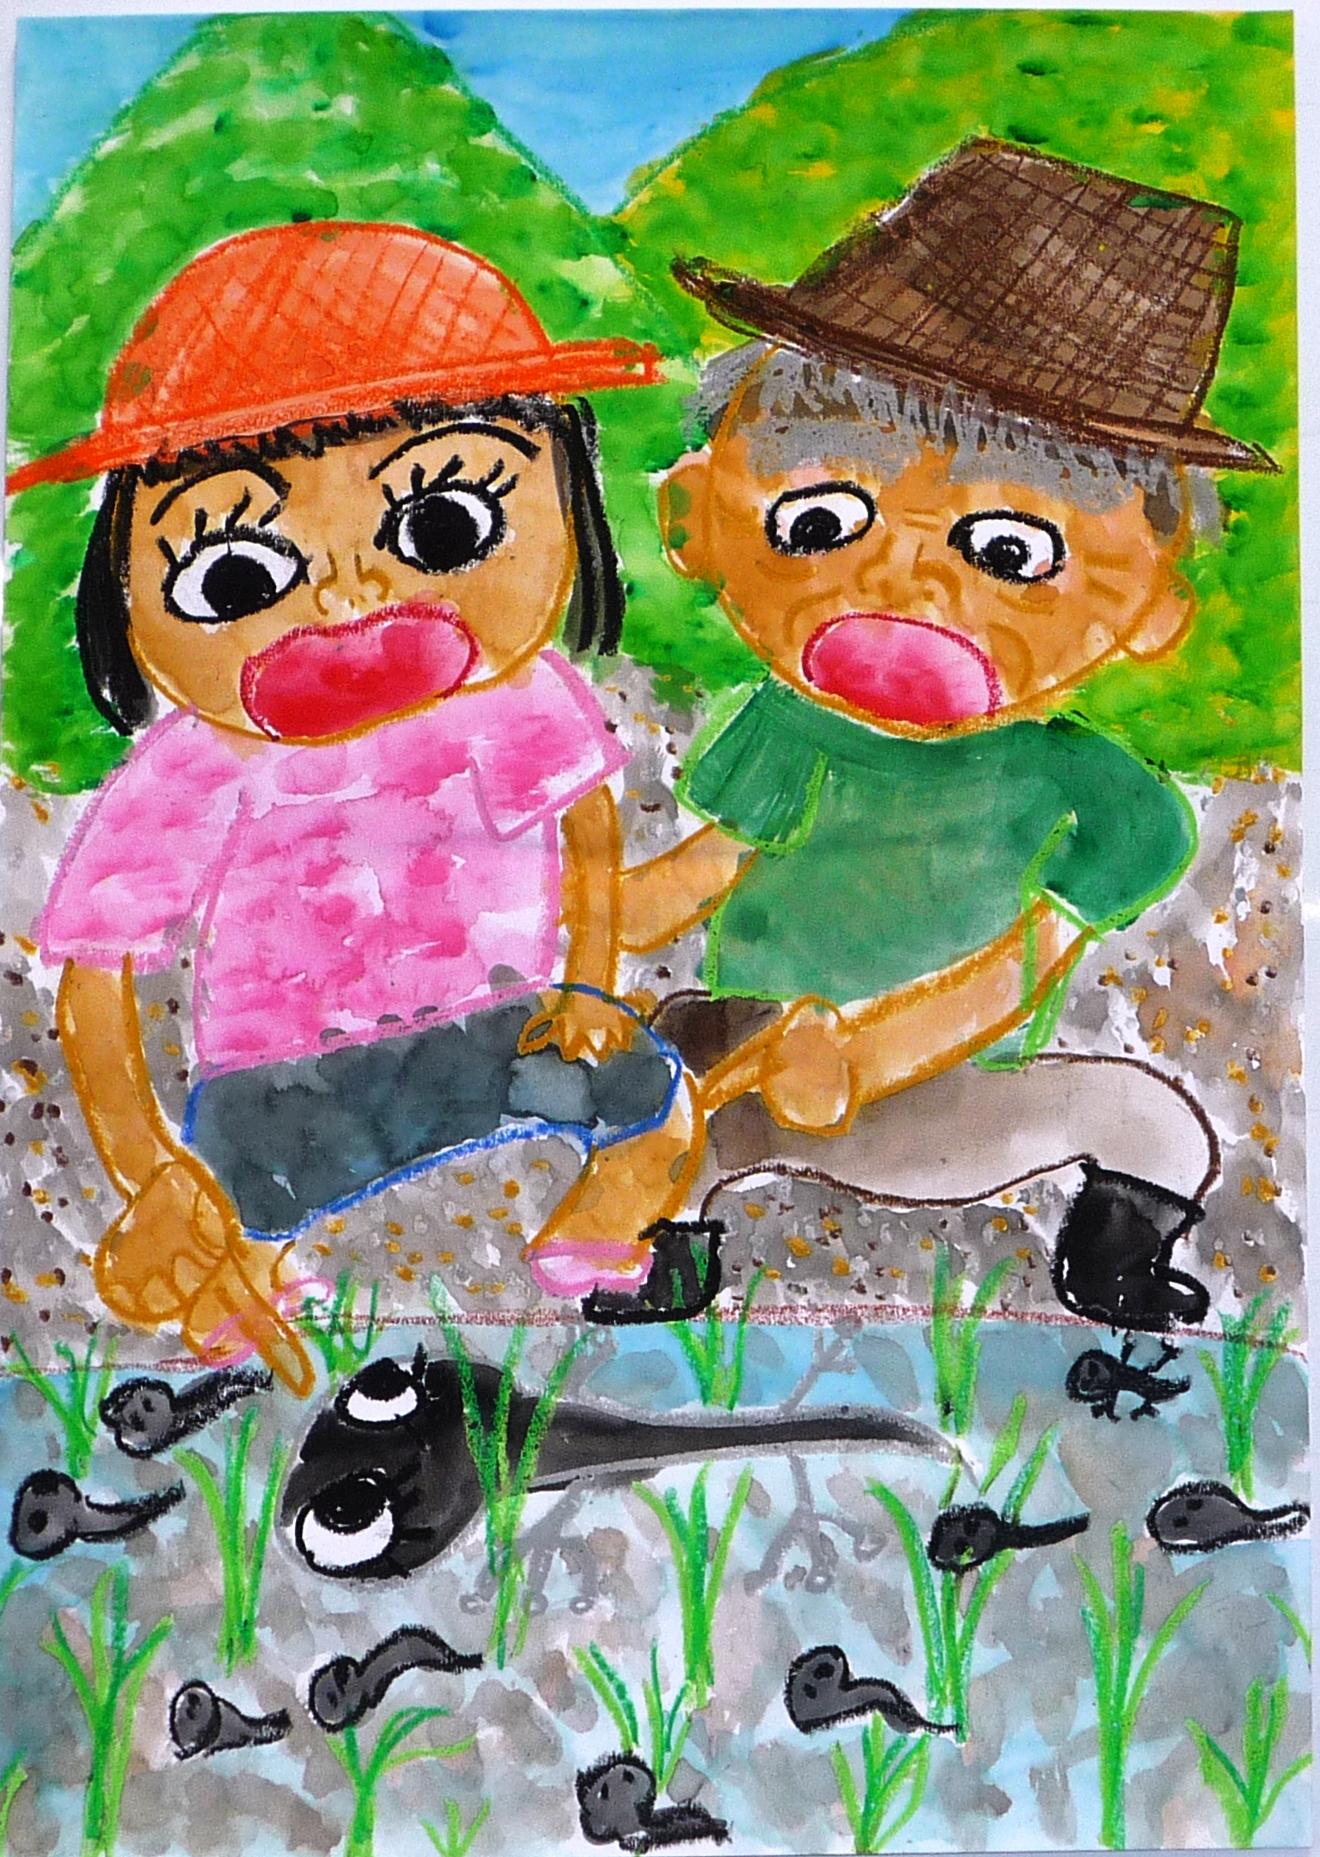 第5回環境絵画コンクール『きれいな空気・水・土と生きものたち』の最優秀賞作品